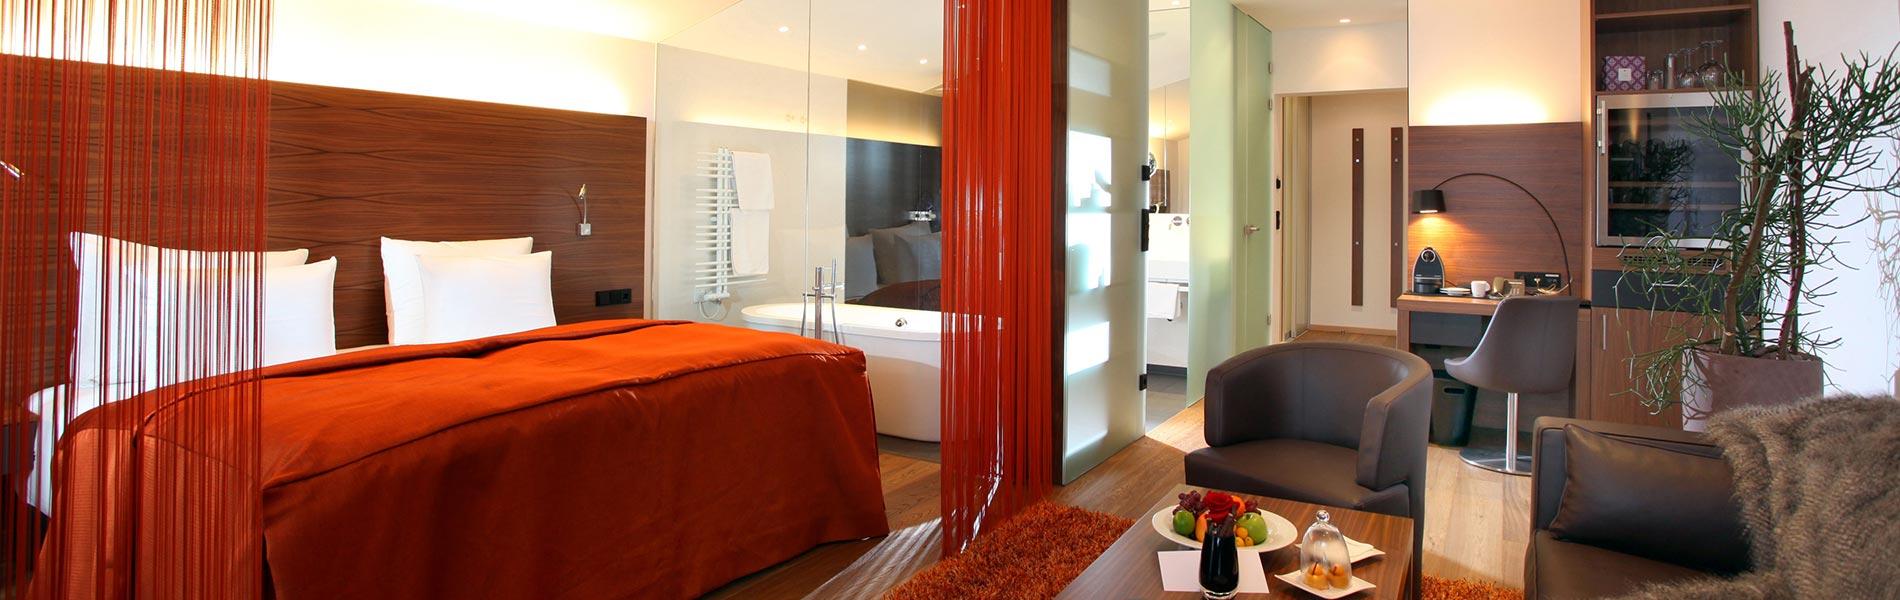 Hotel Rosengarten 5 Sterne Hotel Relais & Châteaux Hotel Kirchberg Tirol Austria